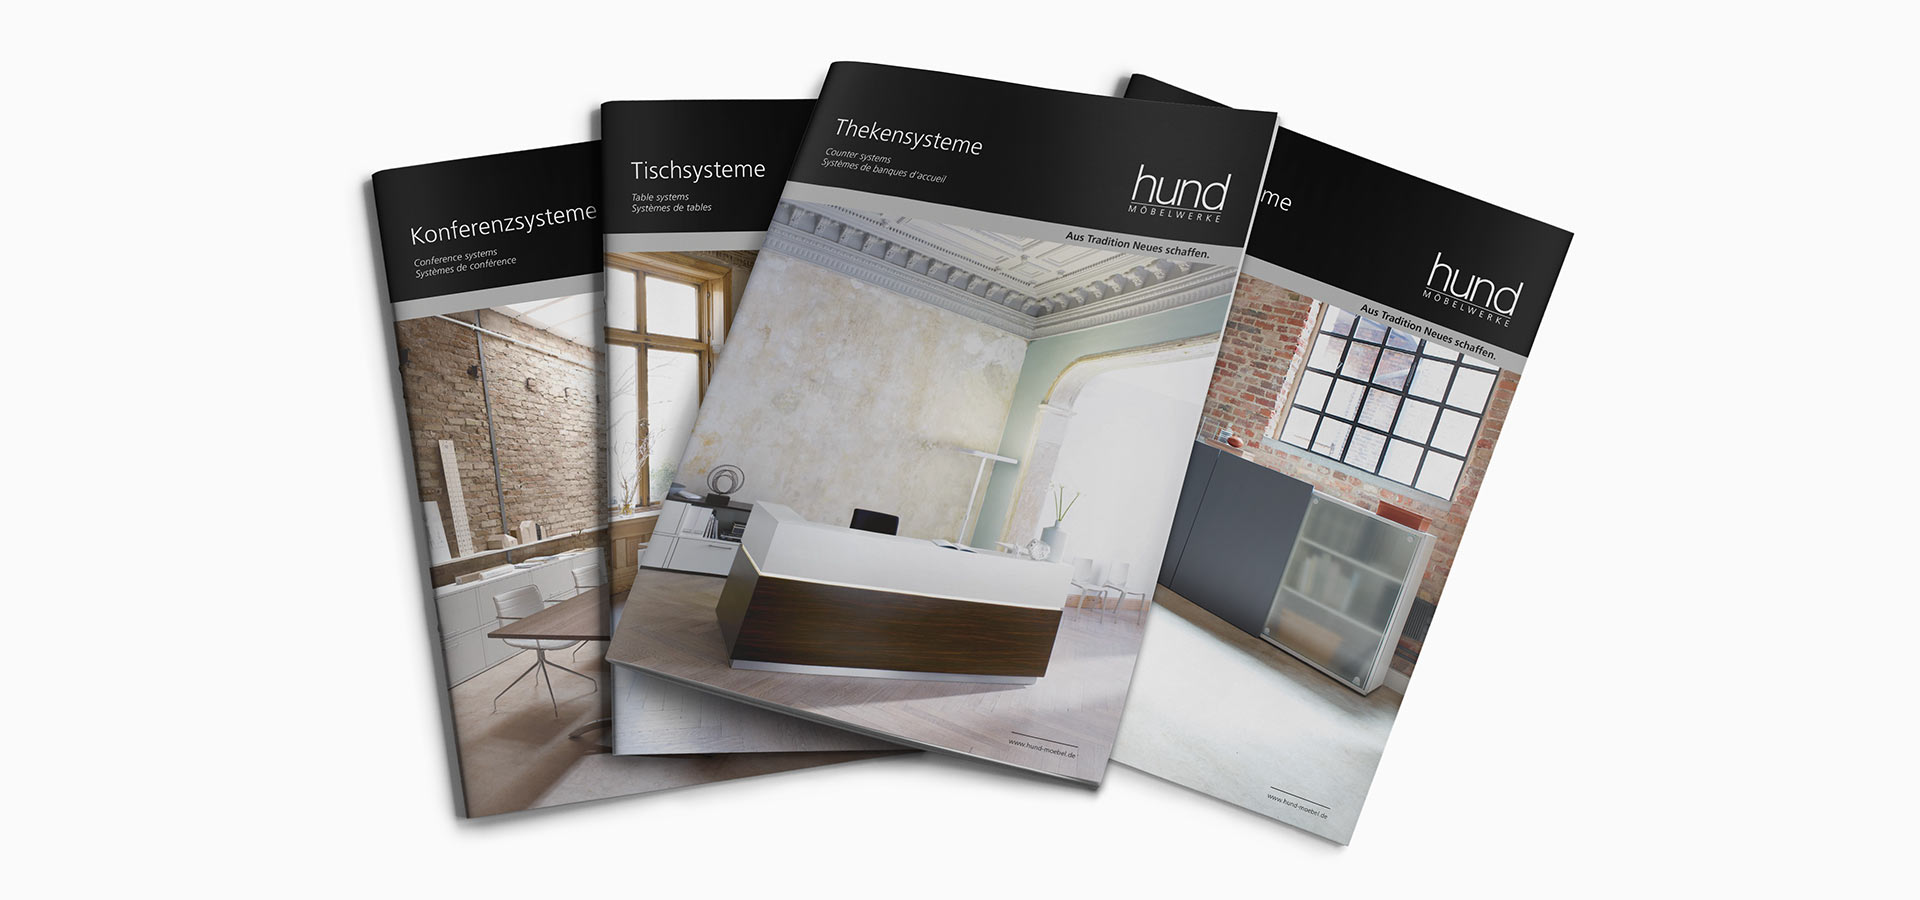 OPUS Marketing / Projekte / Hund Möbelwerke / Broschüren